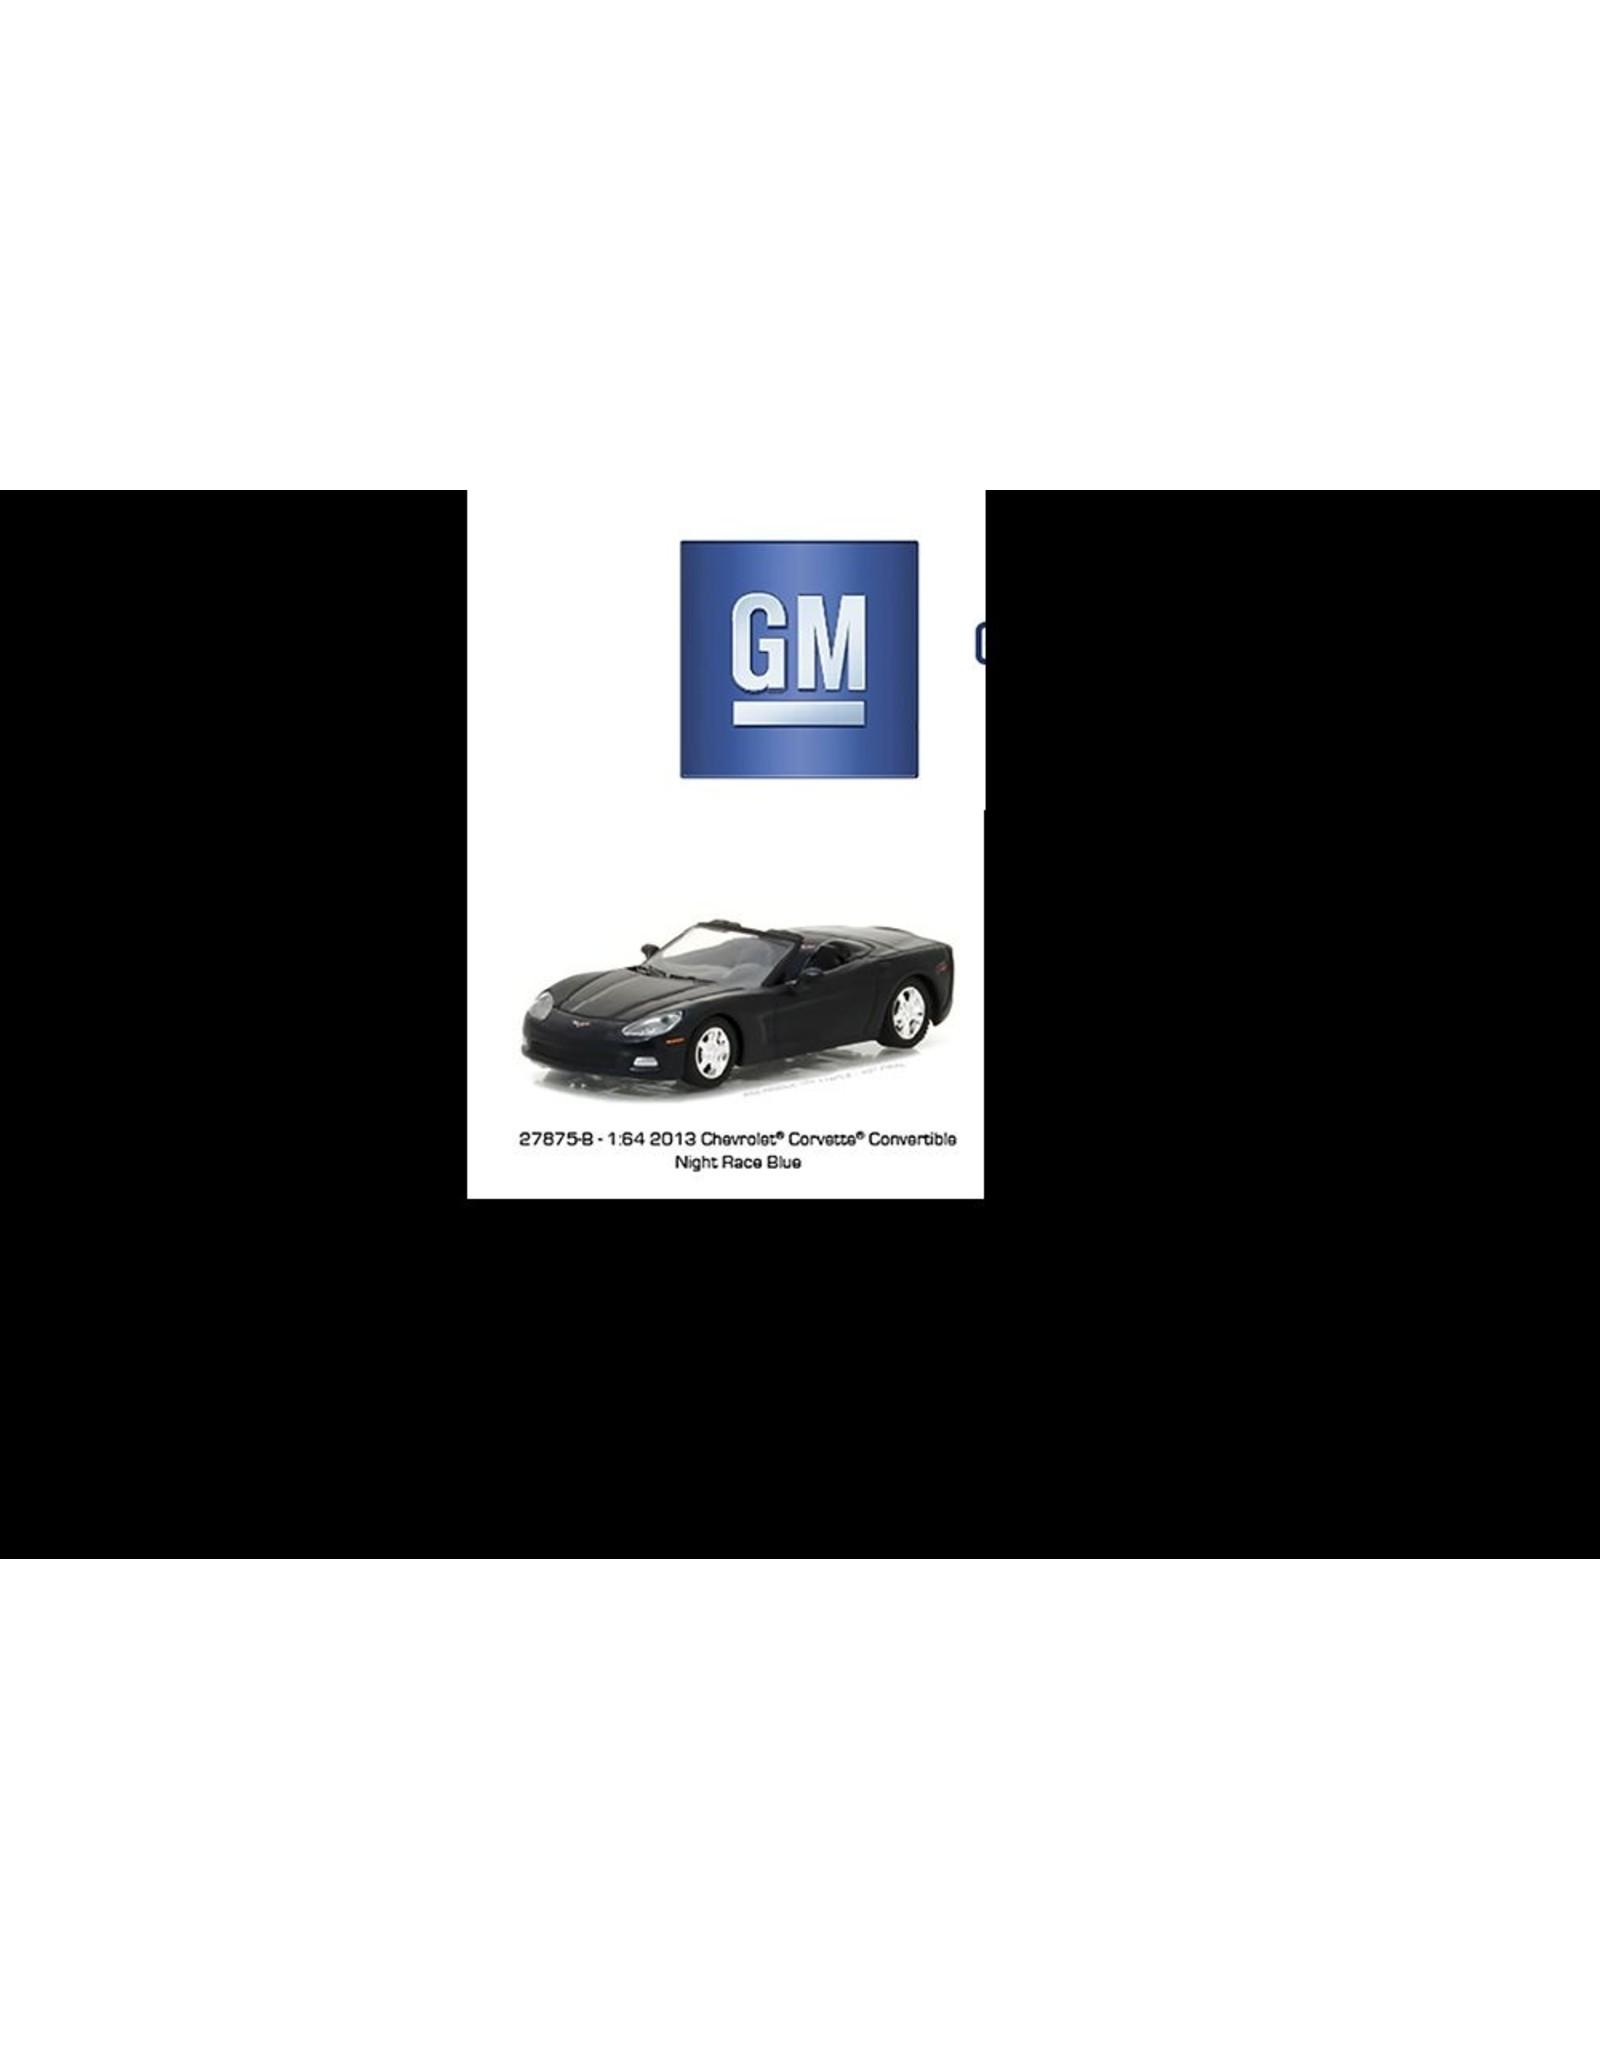 Chevrolet CHEVROLET CORVETTE C6-2013